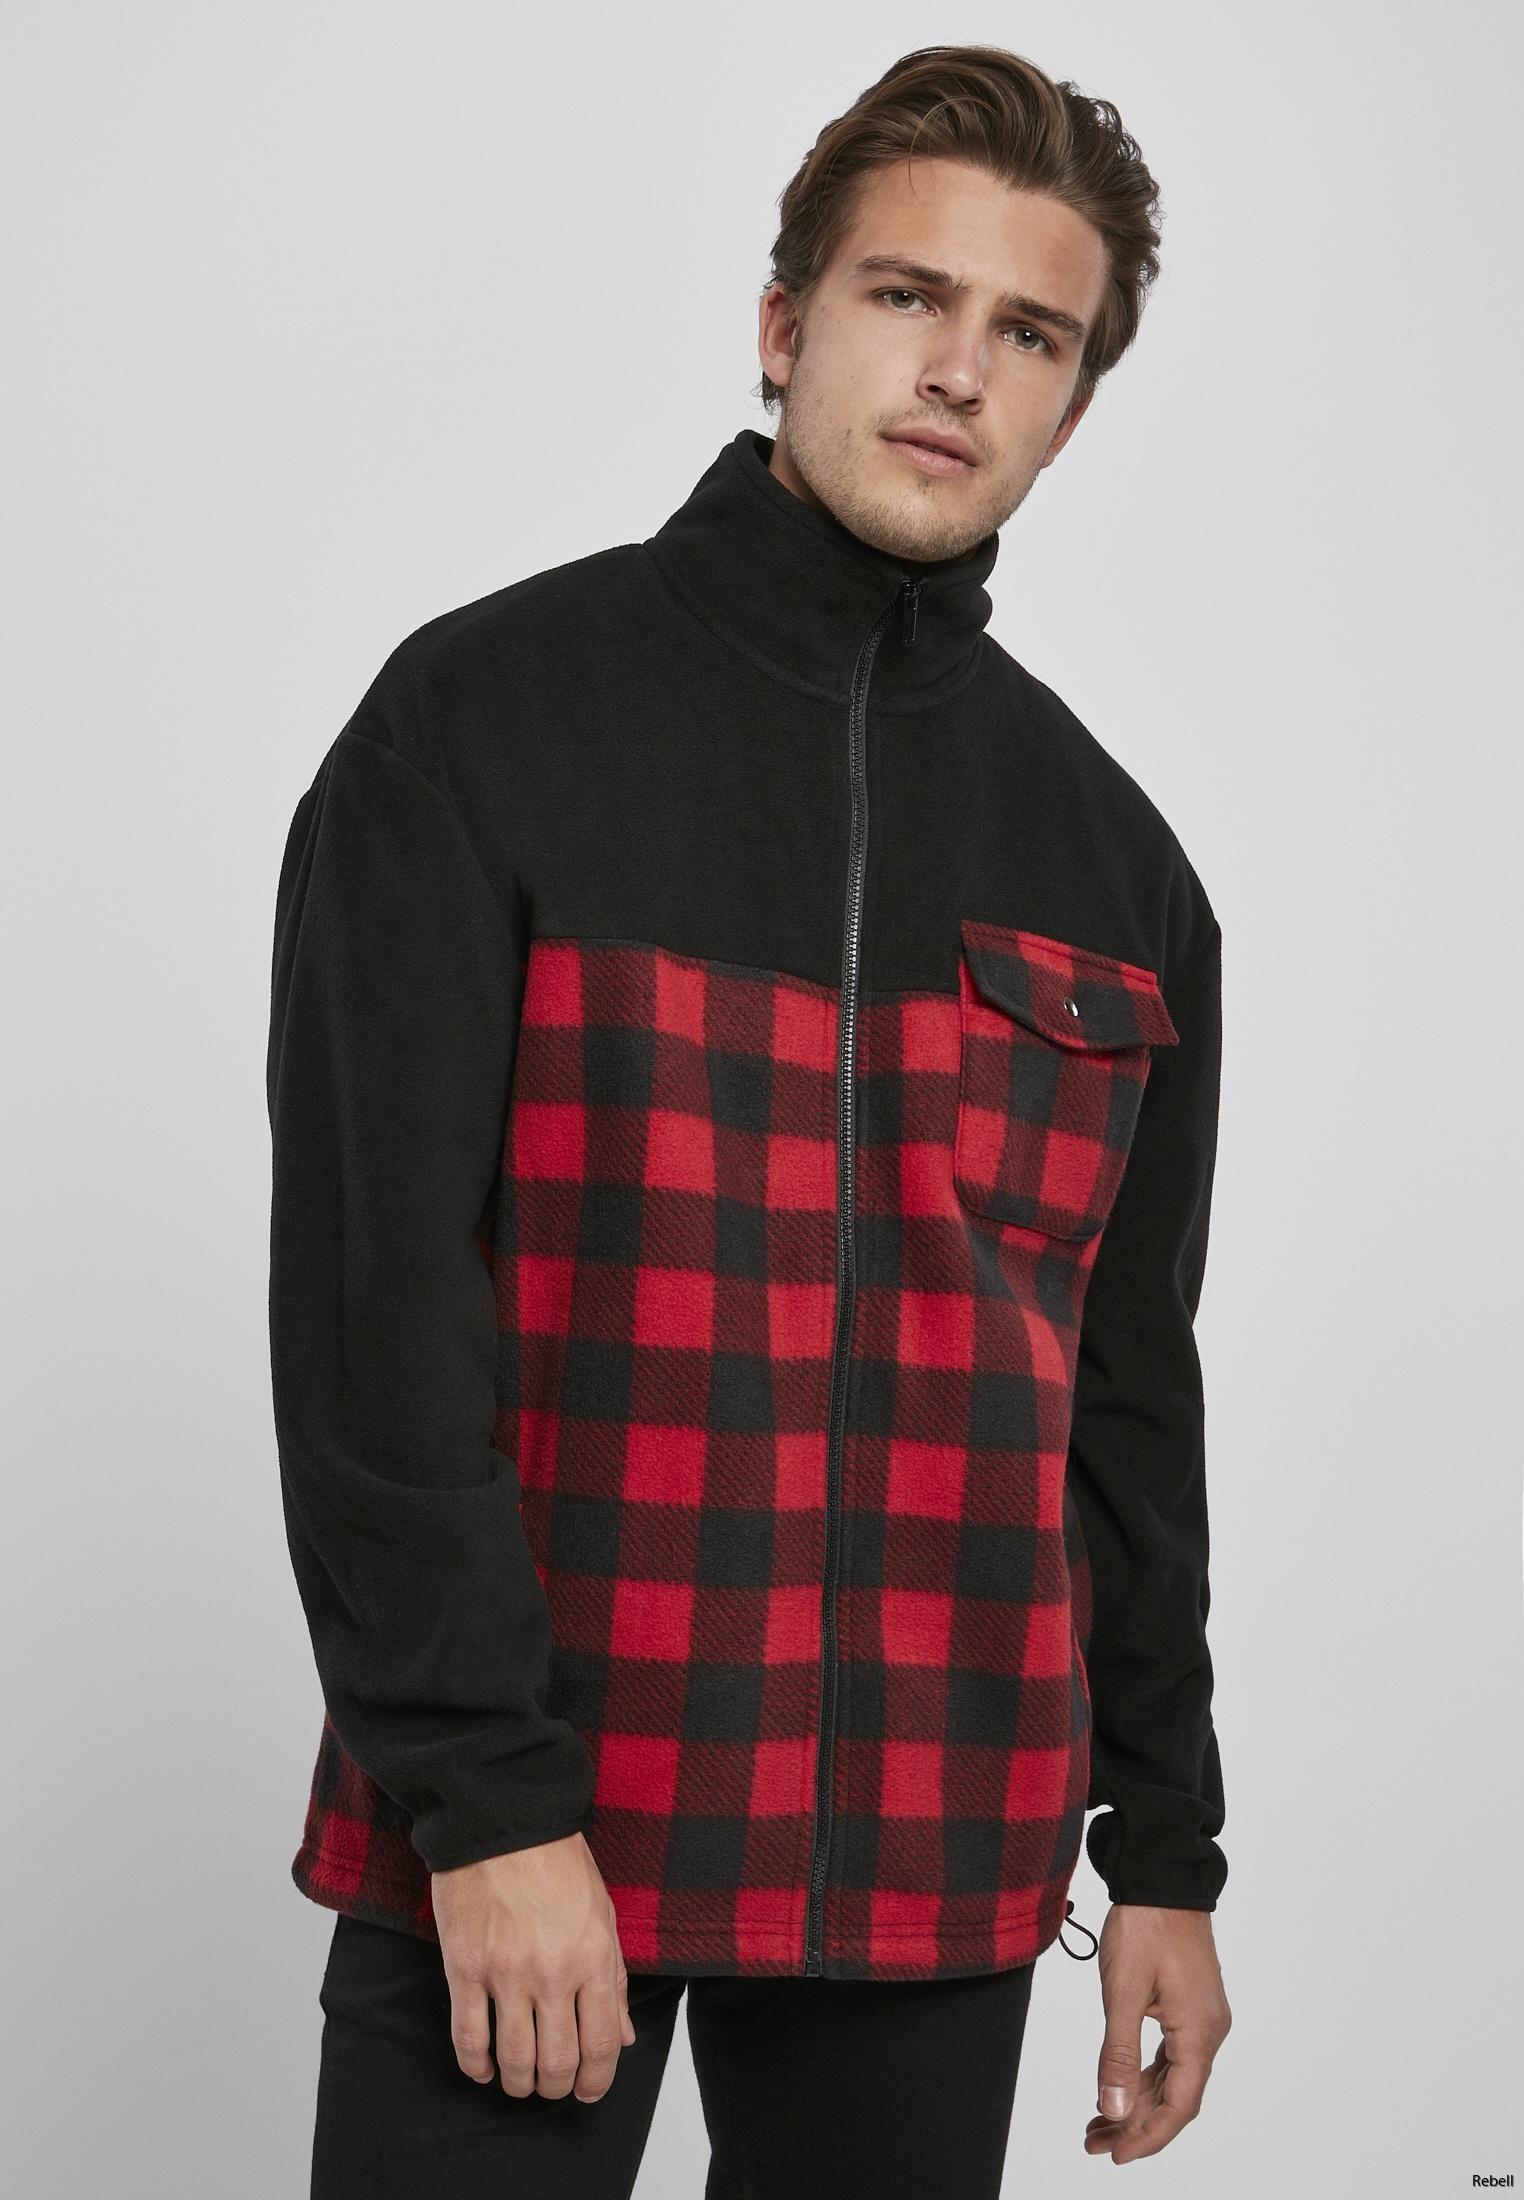 rutig jacka skjorta rebell hoodie biker höstjacka höstkläder rock motorcykel